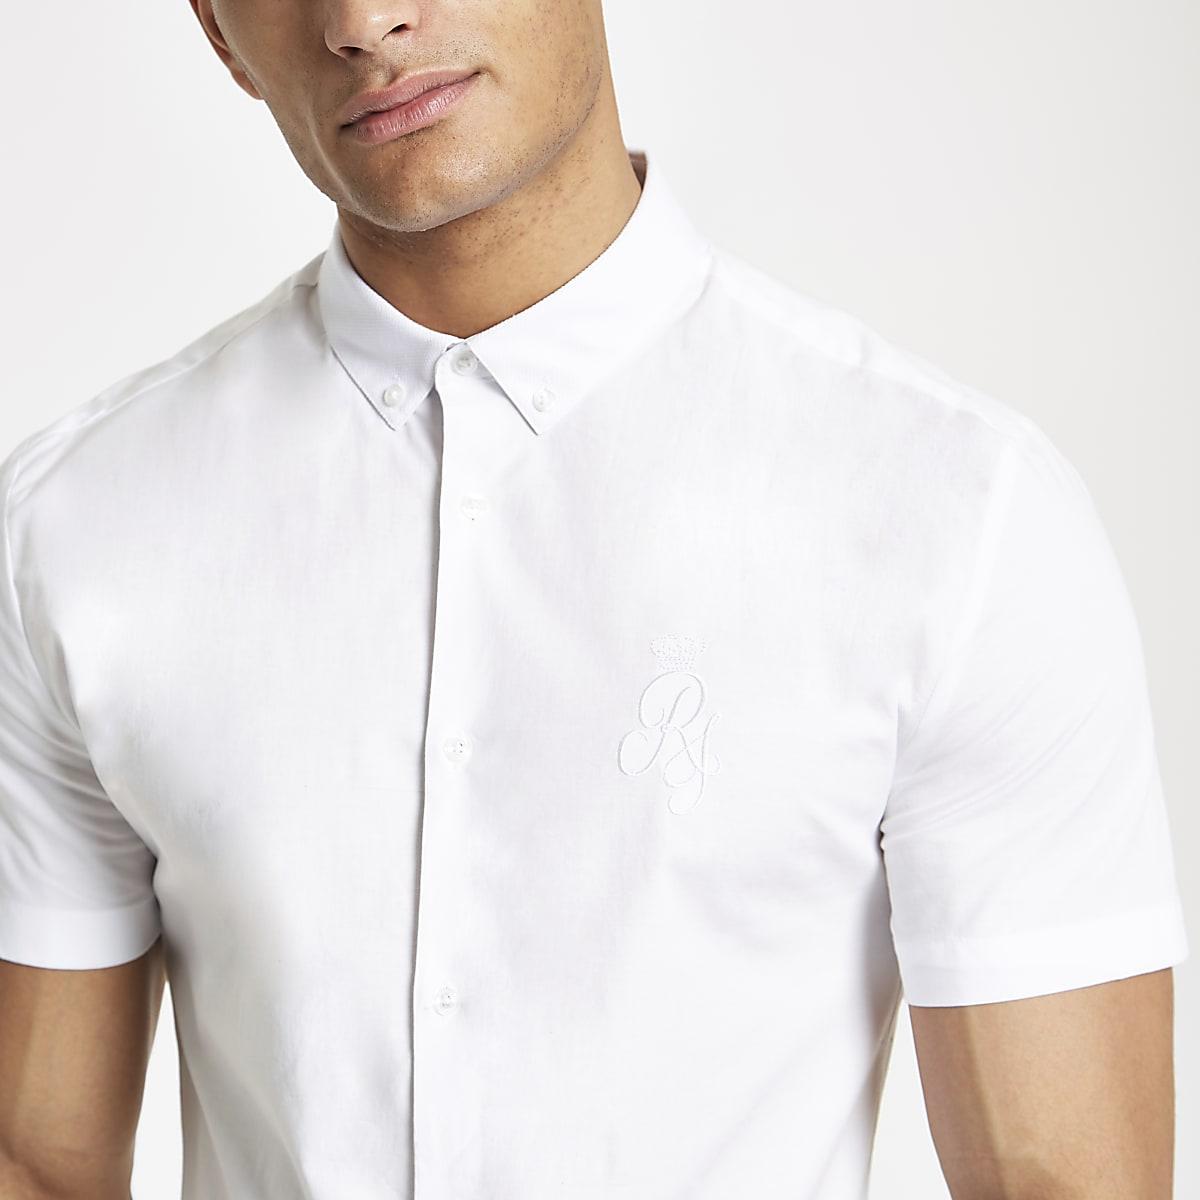 Chemise en popeline ajustée blanche avec logo RI brodé